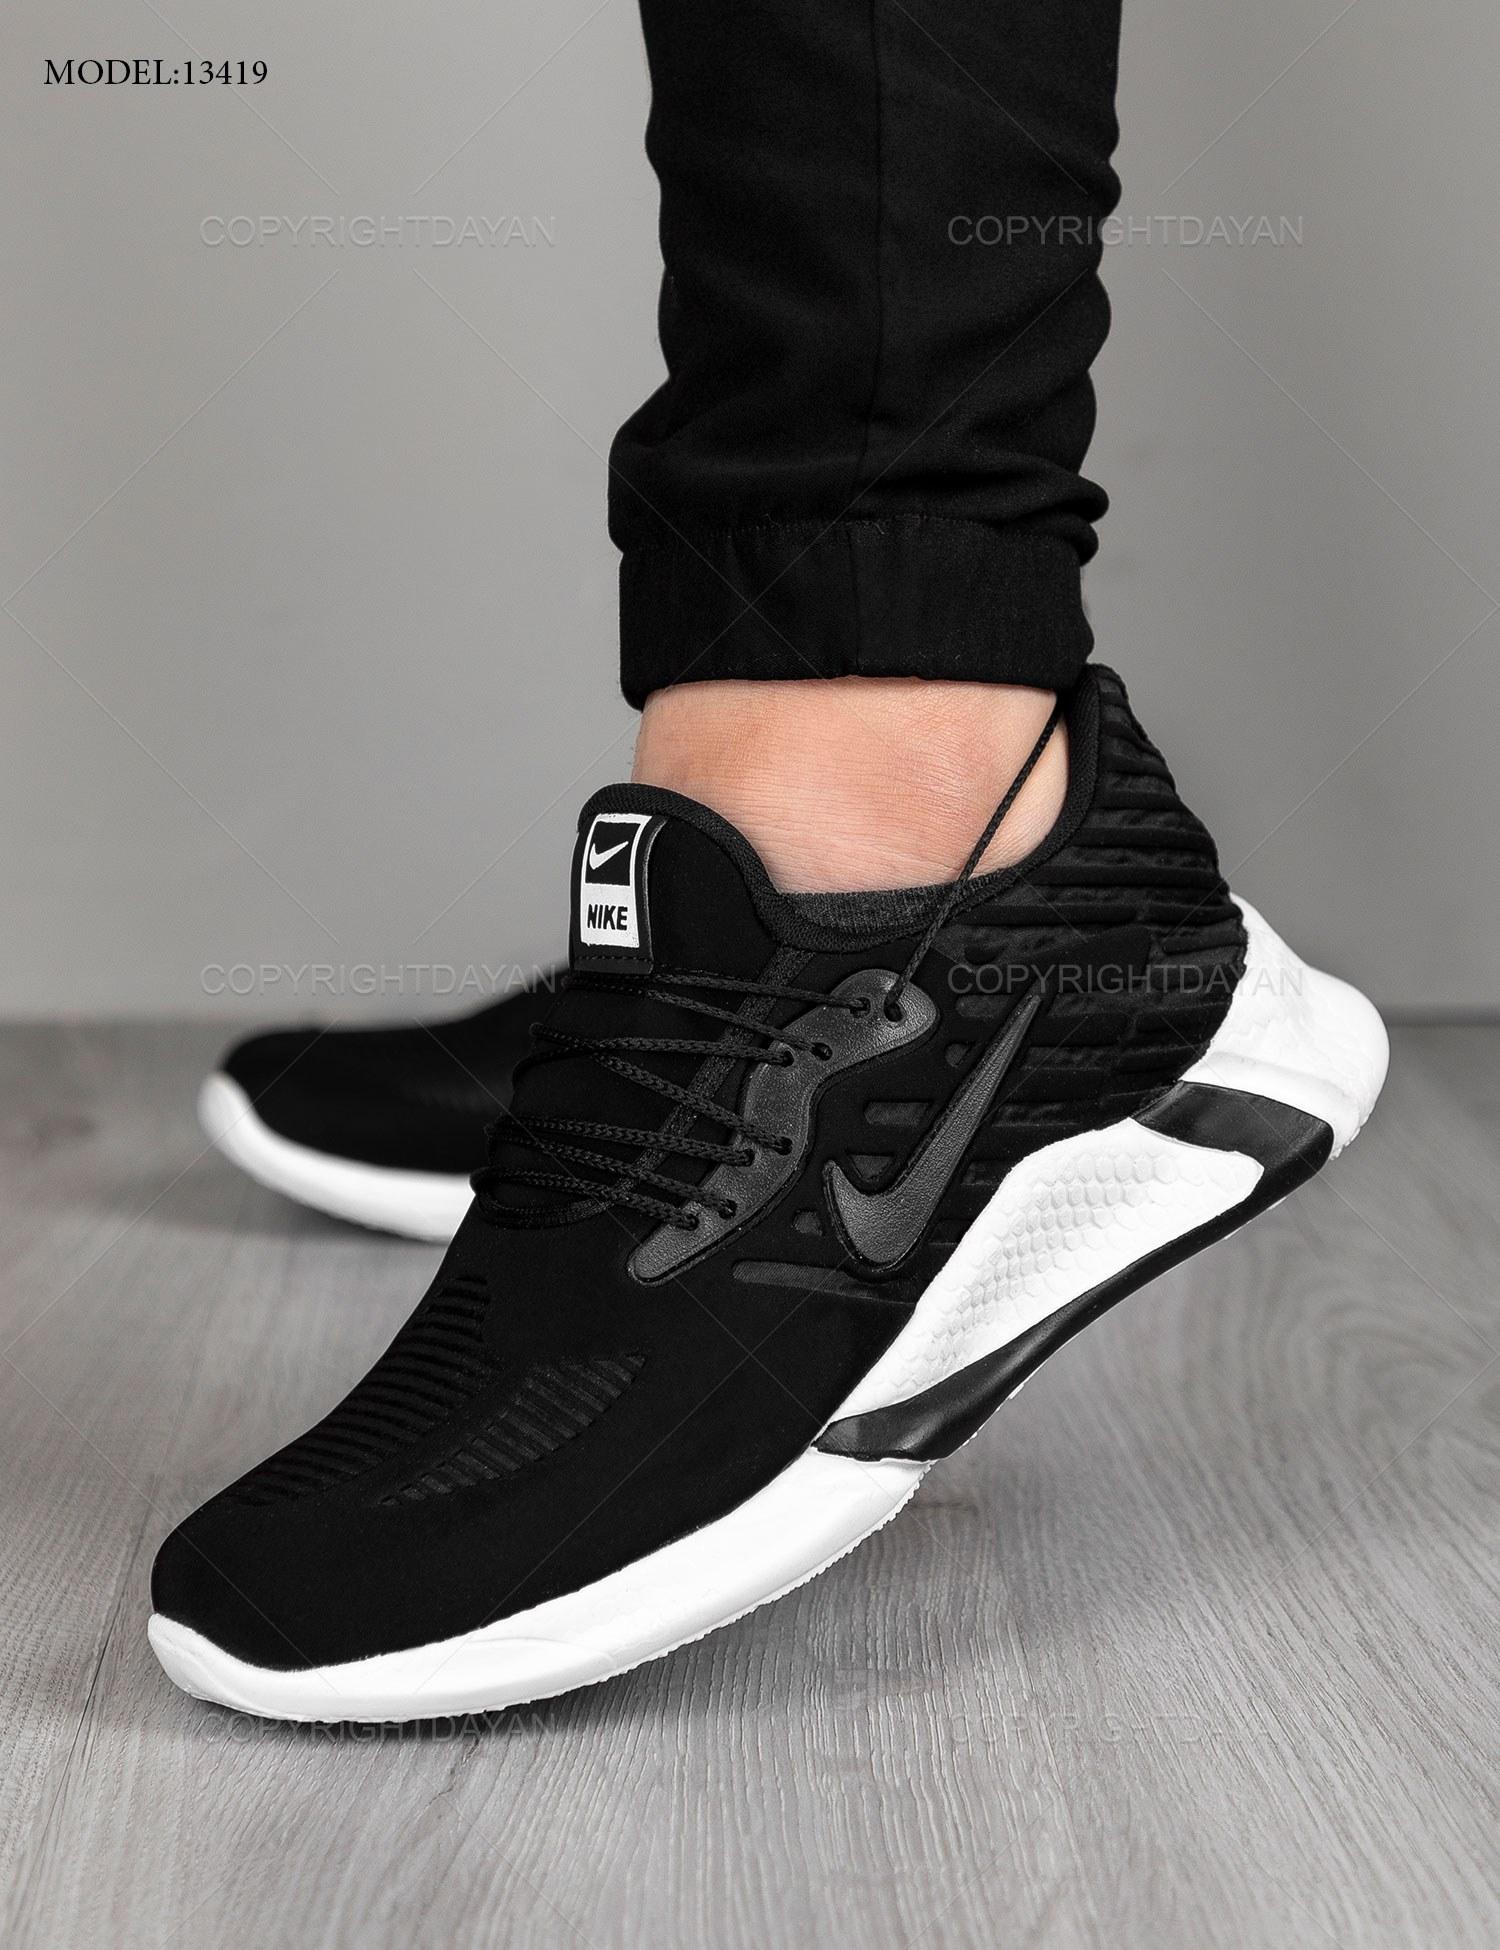 عکس کفش ورزشی مردانه Nike مدل 13419  کفش-ورزشی-مردانه-nike-مدل-13419